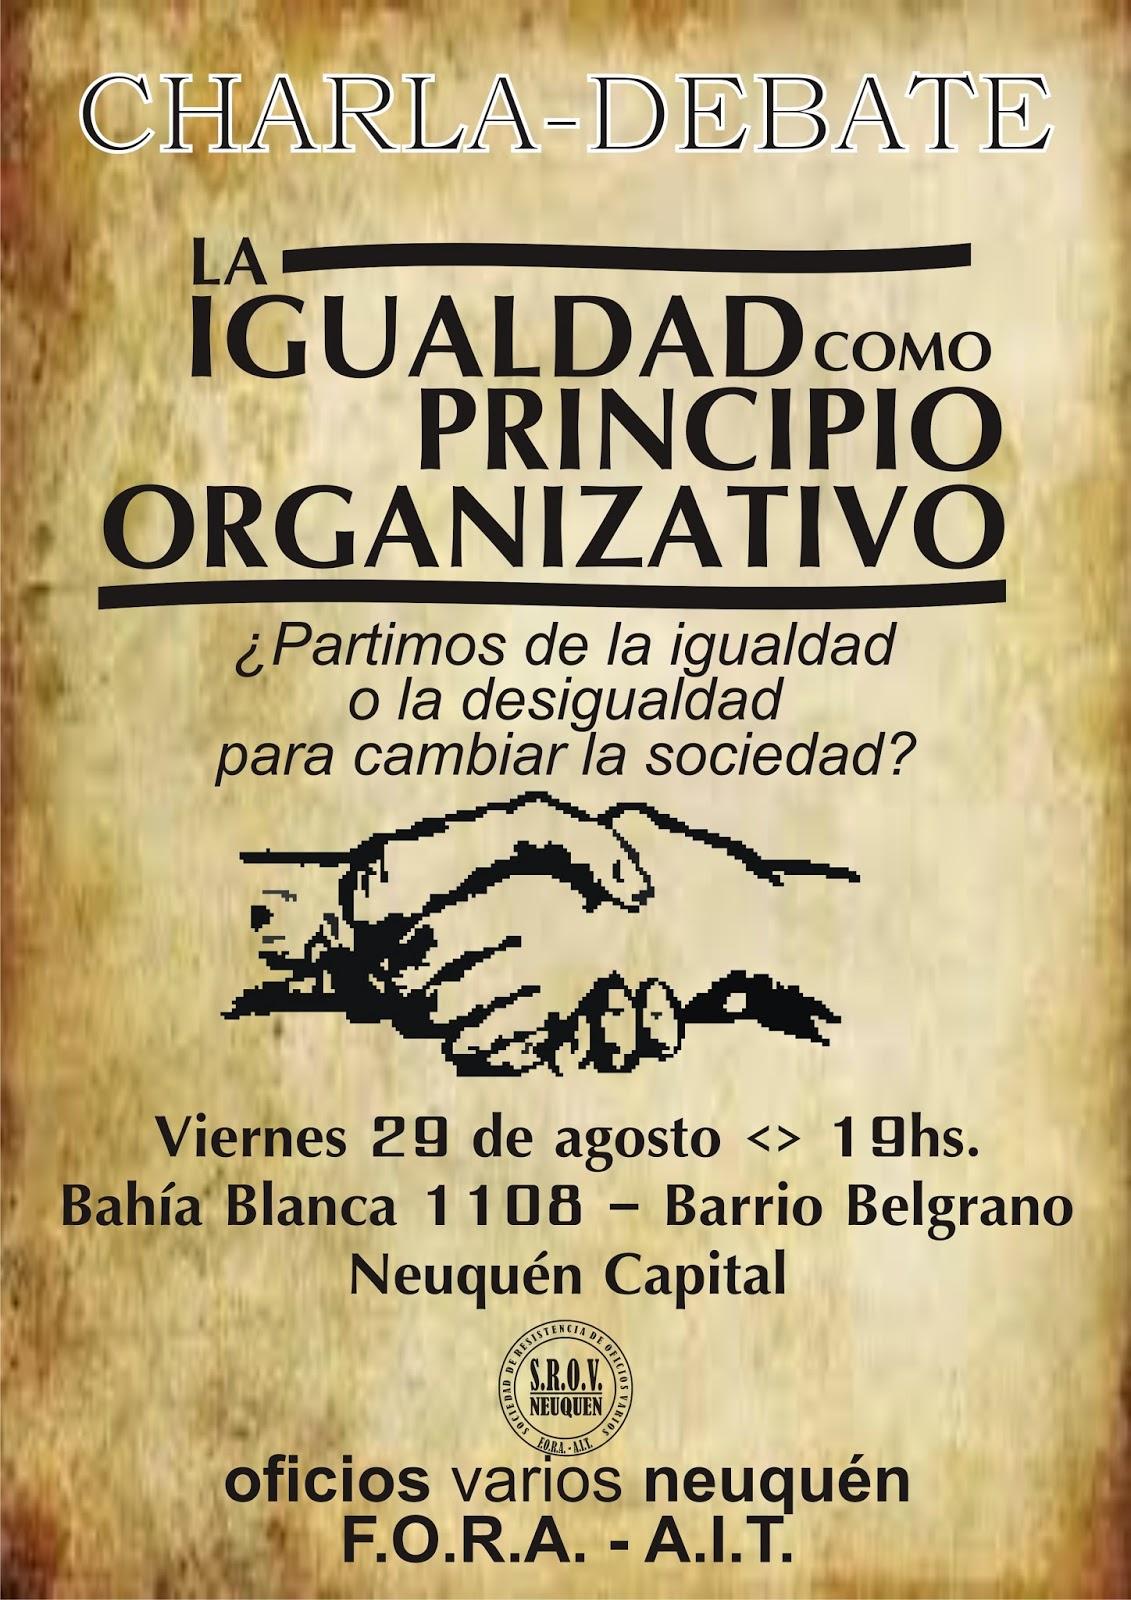 """CHARLA-DEBATE: """"La igualdad como principio organizativo"""" ,Sons of anarchy,Hijos de la anarquía,,los anarquistas,frases anarquistas,los anarquistas,anarquista,anarquismo, frases de anarquistas,anarquia,la anarquista,el anarquista,a anarquista,anarquismo, anarquista que es,anarquistas,el anarquismo,socialismo,el anarquismo,o anarquismo,Sons of anarchy,greek anarchists,anarchist, anarchists cookbook,cookbook, the anarchists,anarchist,the anarchists,sons anarchy,sons of anarchy, sons,anarchy online,son of anarchy,sailing,sailing anarchy,anarchy in uk,   anarchy uk,anarchy song,anarchy reigns,anarchist,anarchism definition,what is anarchism, goldman anarchism,cookbook,anarchists cook book, anarchism,the anarchist cookbook,anarchist a,definition anarchist, teenage anarchist,against me anarchist,baby anarchist,im anarchist, baby im anarchist, die anarchisten,frau des anarchisten,kochbuch anarchisten, les anarchistes,leo ferre,anarchiste,les anarchistes ferre,les anarchistes ferre, paroles les anarchistes,léo ferré,ferré anarchistes,ferré les anarchistes,léo ferré,  anarchia,anarchici italiani,gli anarchici,canti anarchici,comunisti, comunisti anarchici,anarchici torino,canti anarchici,gli anarchici,communism socialism,communism,definition socialism, what is socialism,socialist,socialism and communism,CNT,CNT, Confederación Nacional del Trabajo, AIT, La Asociación Internacional de los Trabajadores, IWA,International Workers Association,FAU,Freie Arbeiterinnen und Arbeiter-Union,FORA,F.O.R.A,Federación Obrera Regional Argentina,COB,Confederação Operária Brasileira ,Priama Akcia,CNT,Confédération Nationale du Travail,USI,Unione Sindacale Italiana,  NSF iAA,Norsk Syndikalistisk Forbund,ZSP,Zwiazek Syndykalistów Polski,AIT-SP,AIT Secção Portuguesa,solfed,Solidarity,inicijativa,Sindikalna konfederacija Anarho-sindikalisticka inicijativa, ASF,Anarcho-Syndicalist Federation,Grupo Germinal,CRA,Comisión de Relaciones Anarquistas, Grupo Humanidad Libre,Grupo Acción Directa,FEDERACIÓN"""